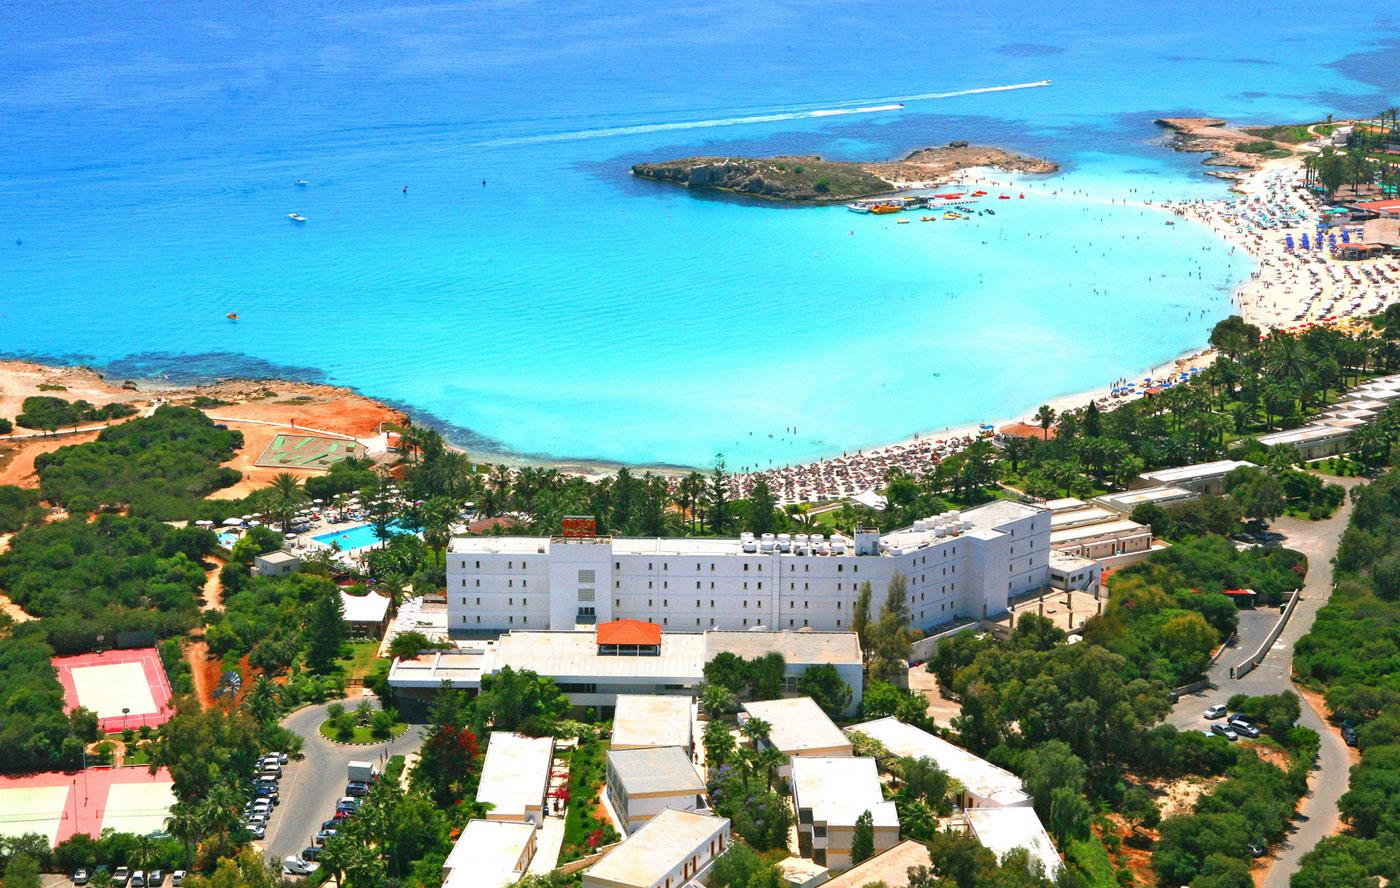 nissi beach, cyprus, nature, beautiful, scenery, resort